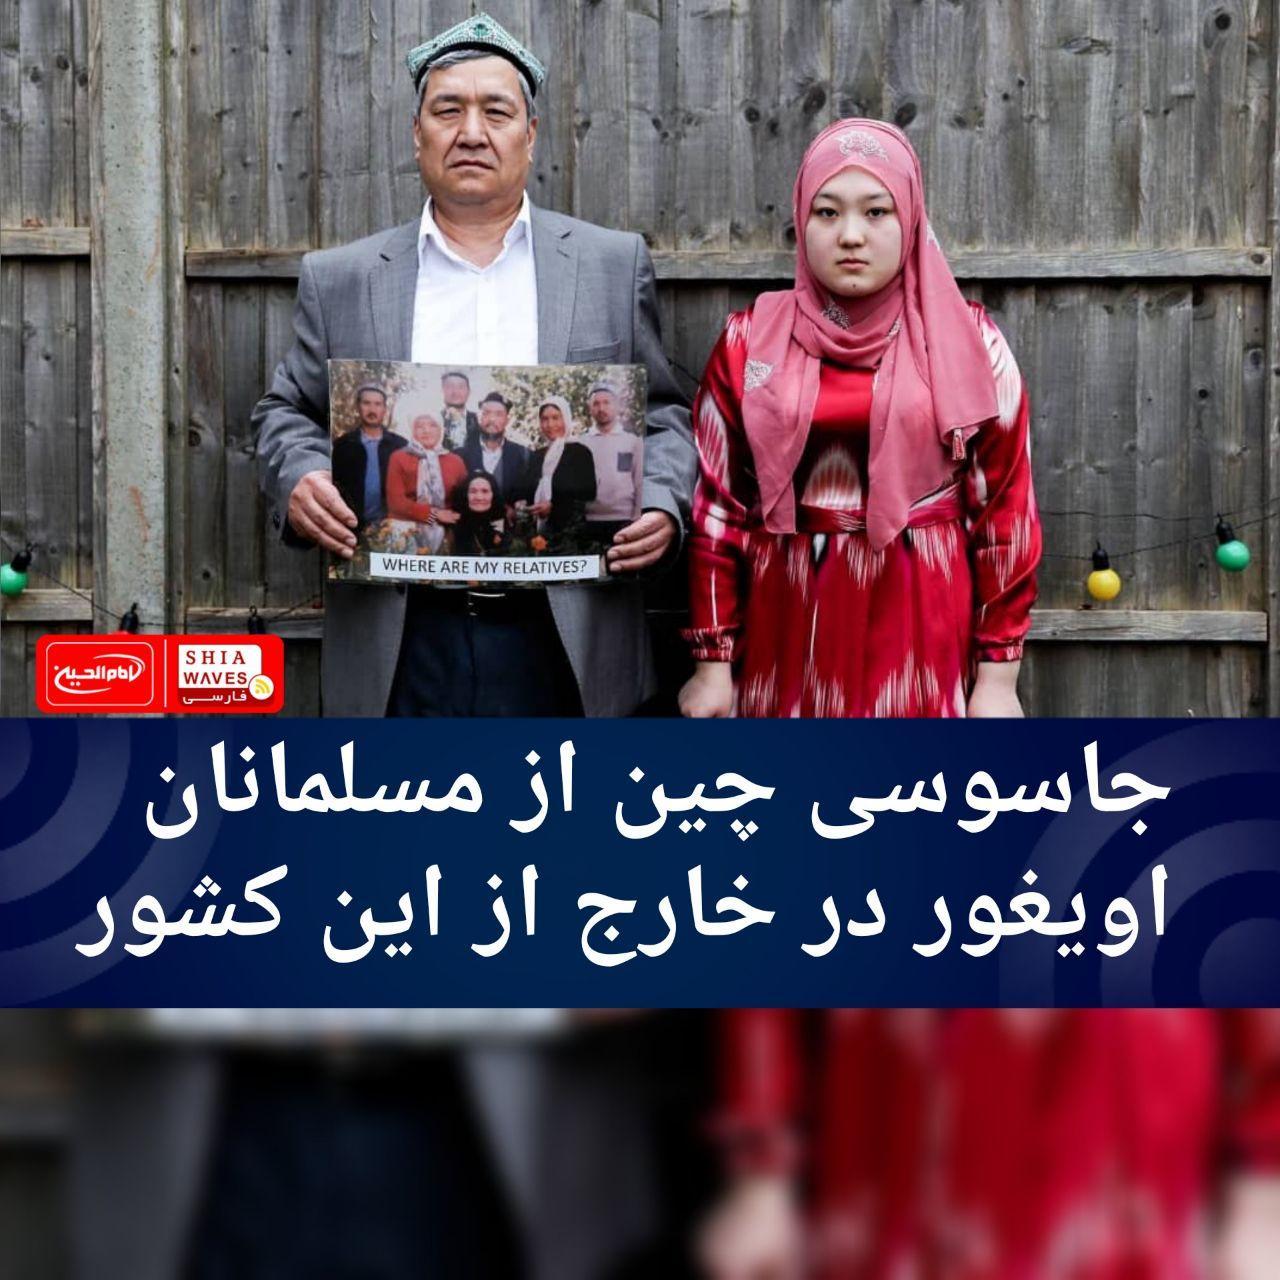 تصویر جاسوسی چین از مسلمانان اویغور در خارج از این کشور